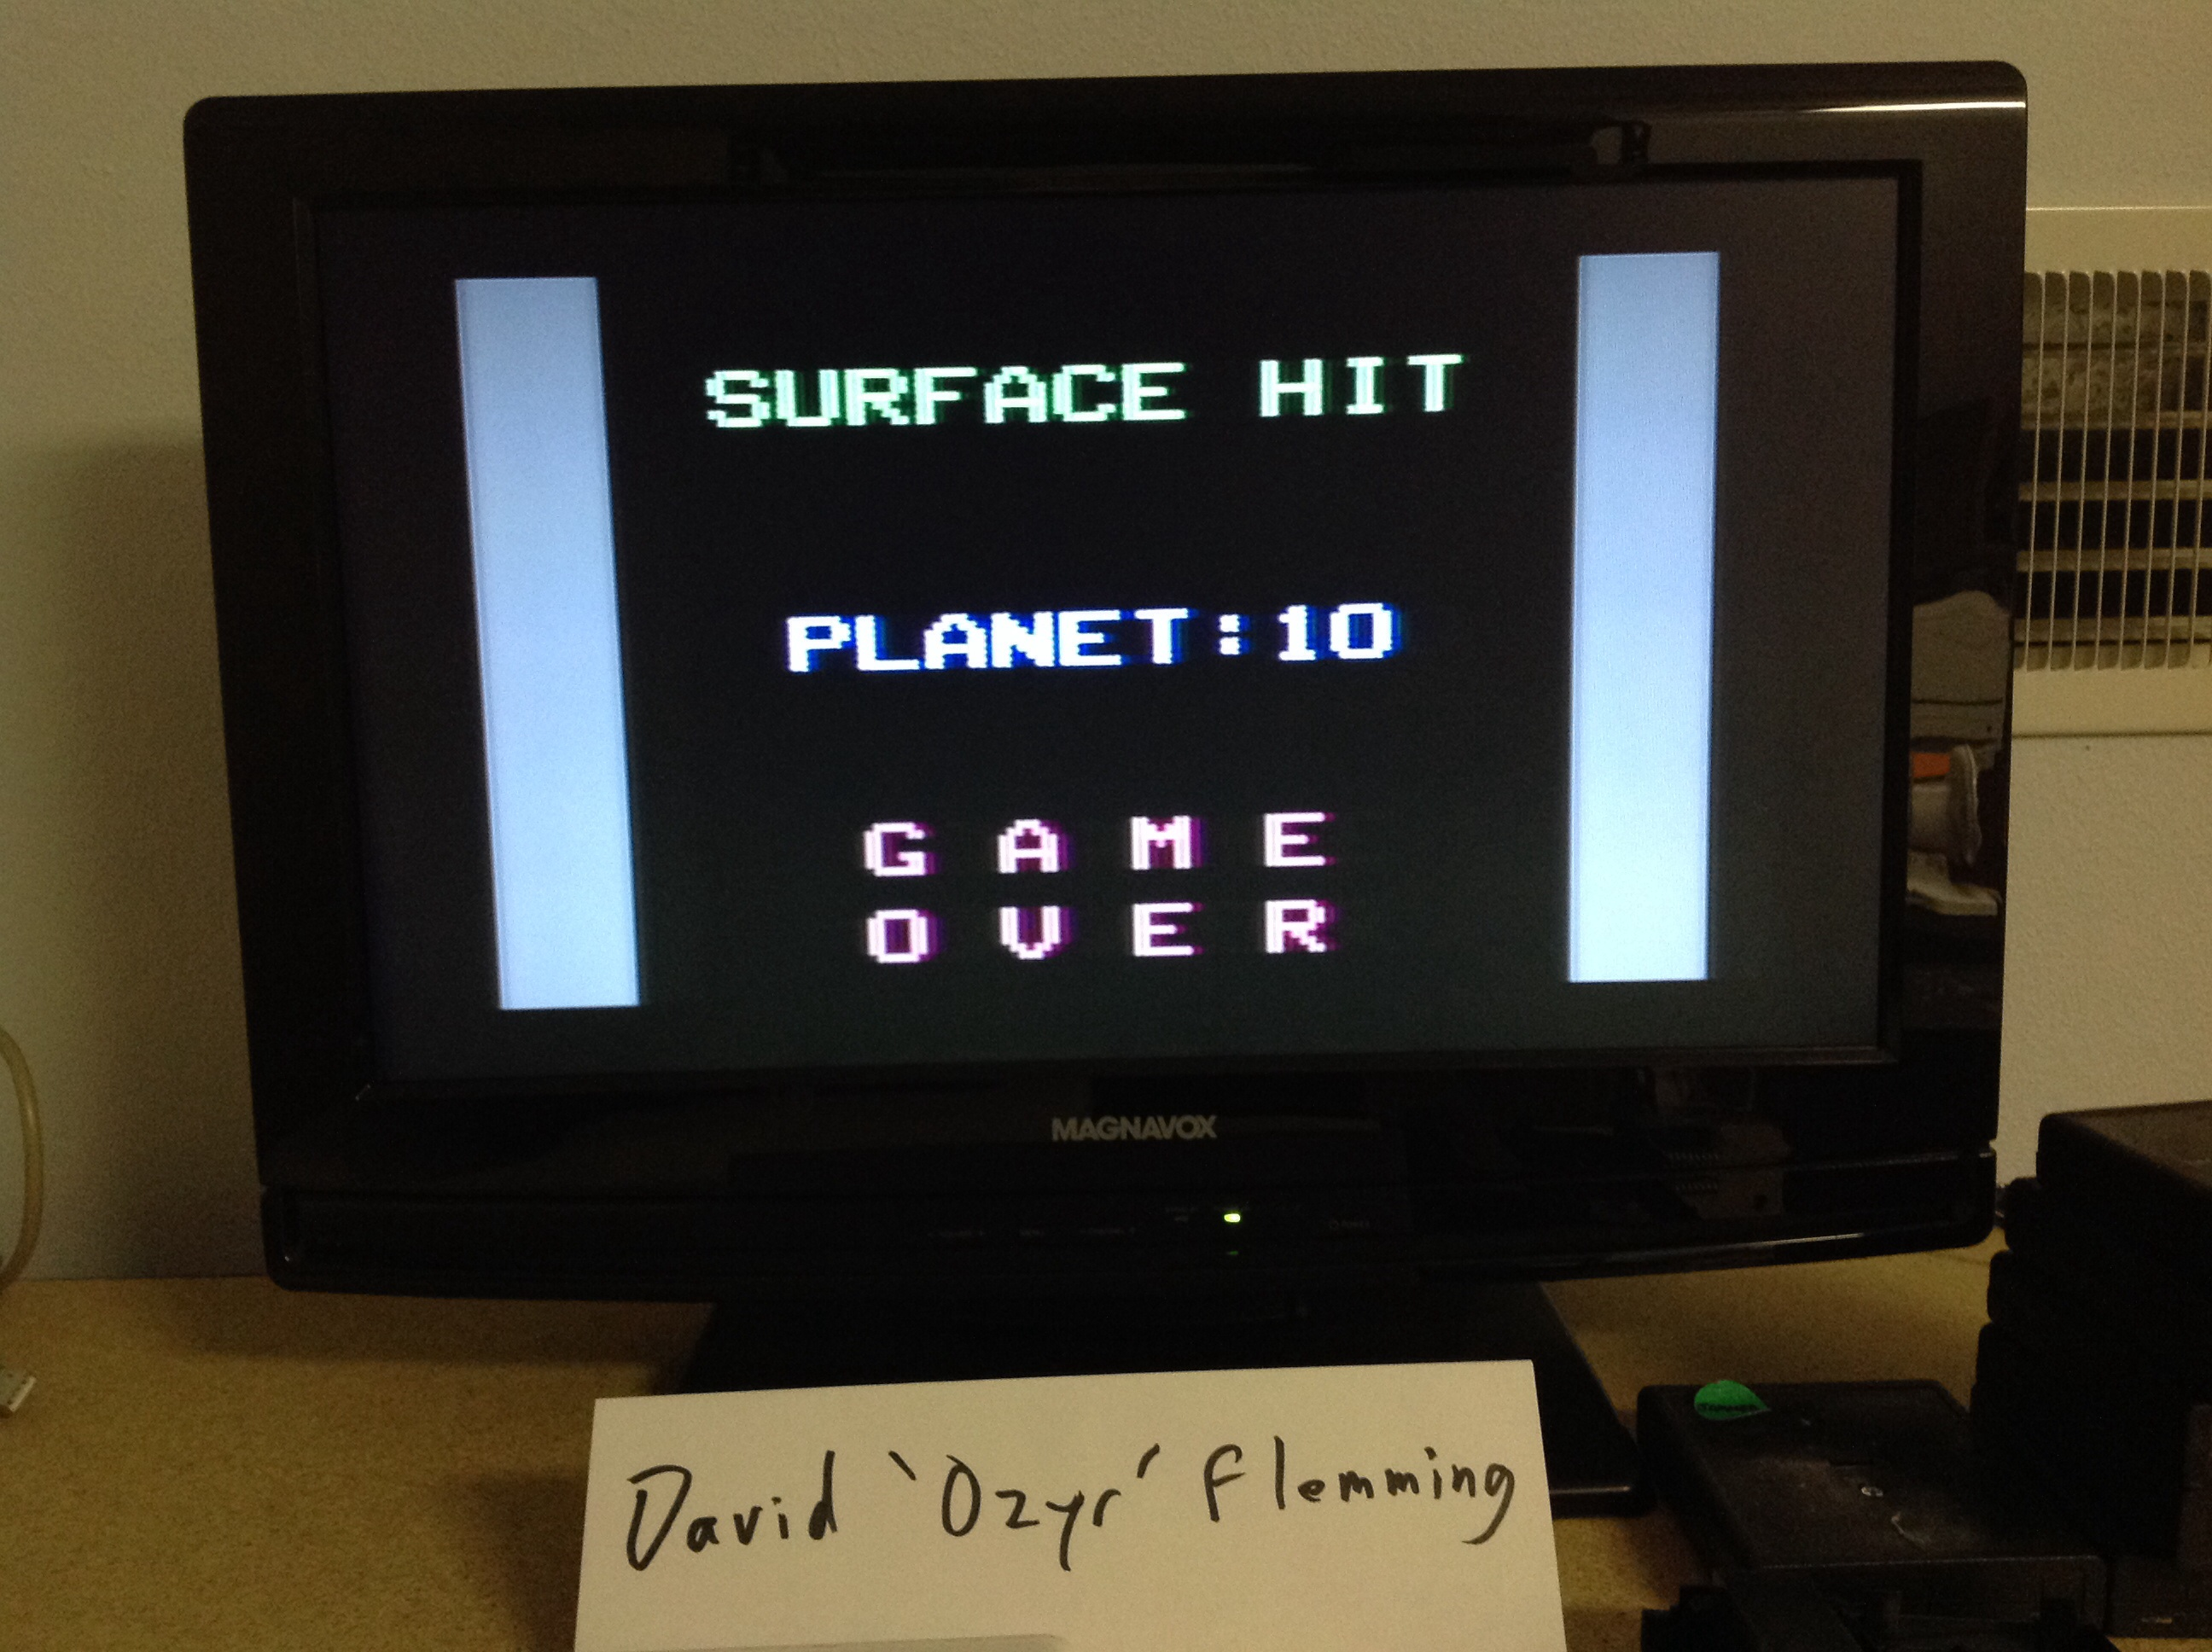 Planet Lander 10 points